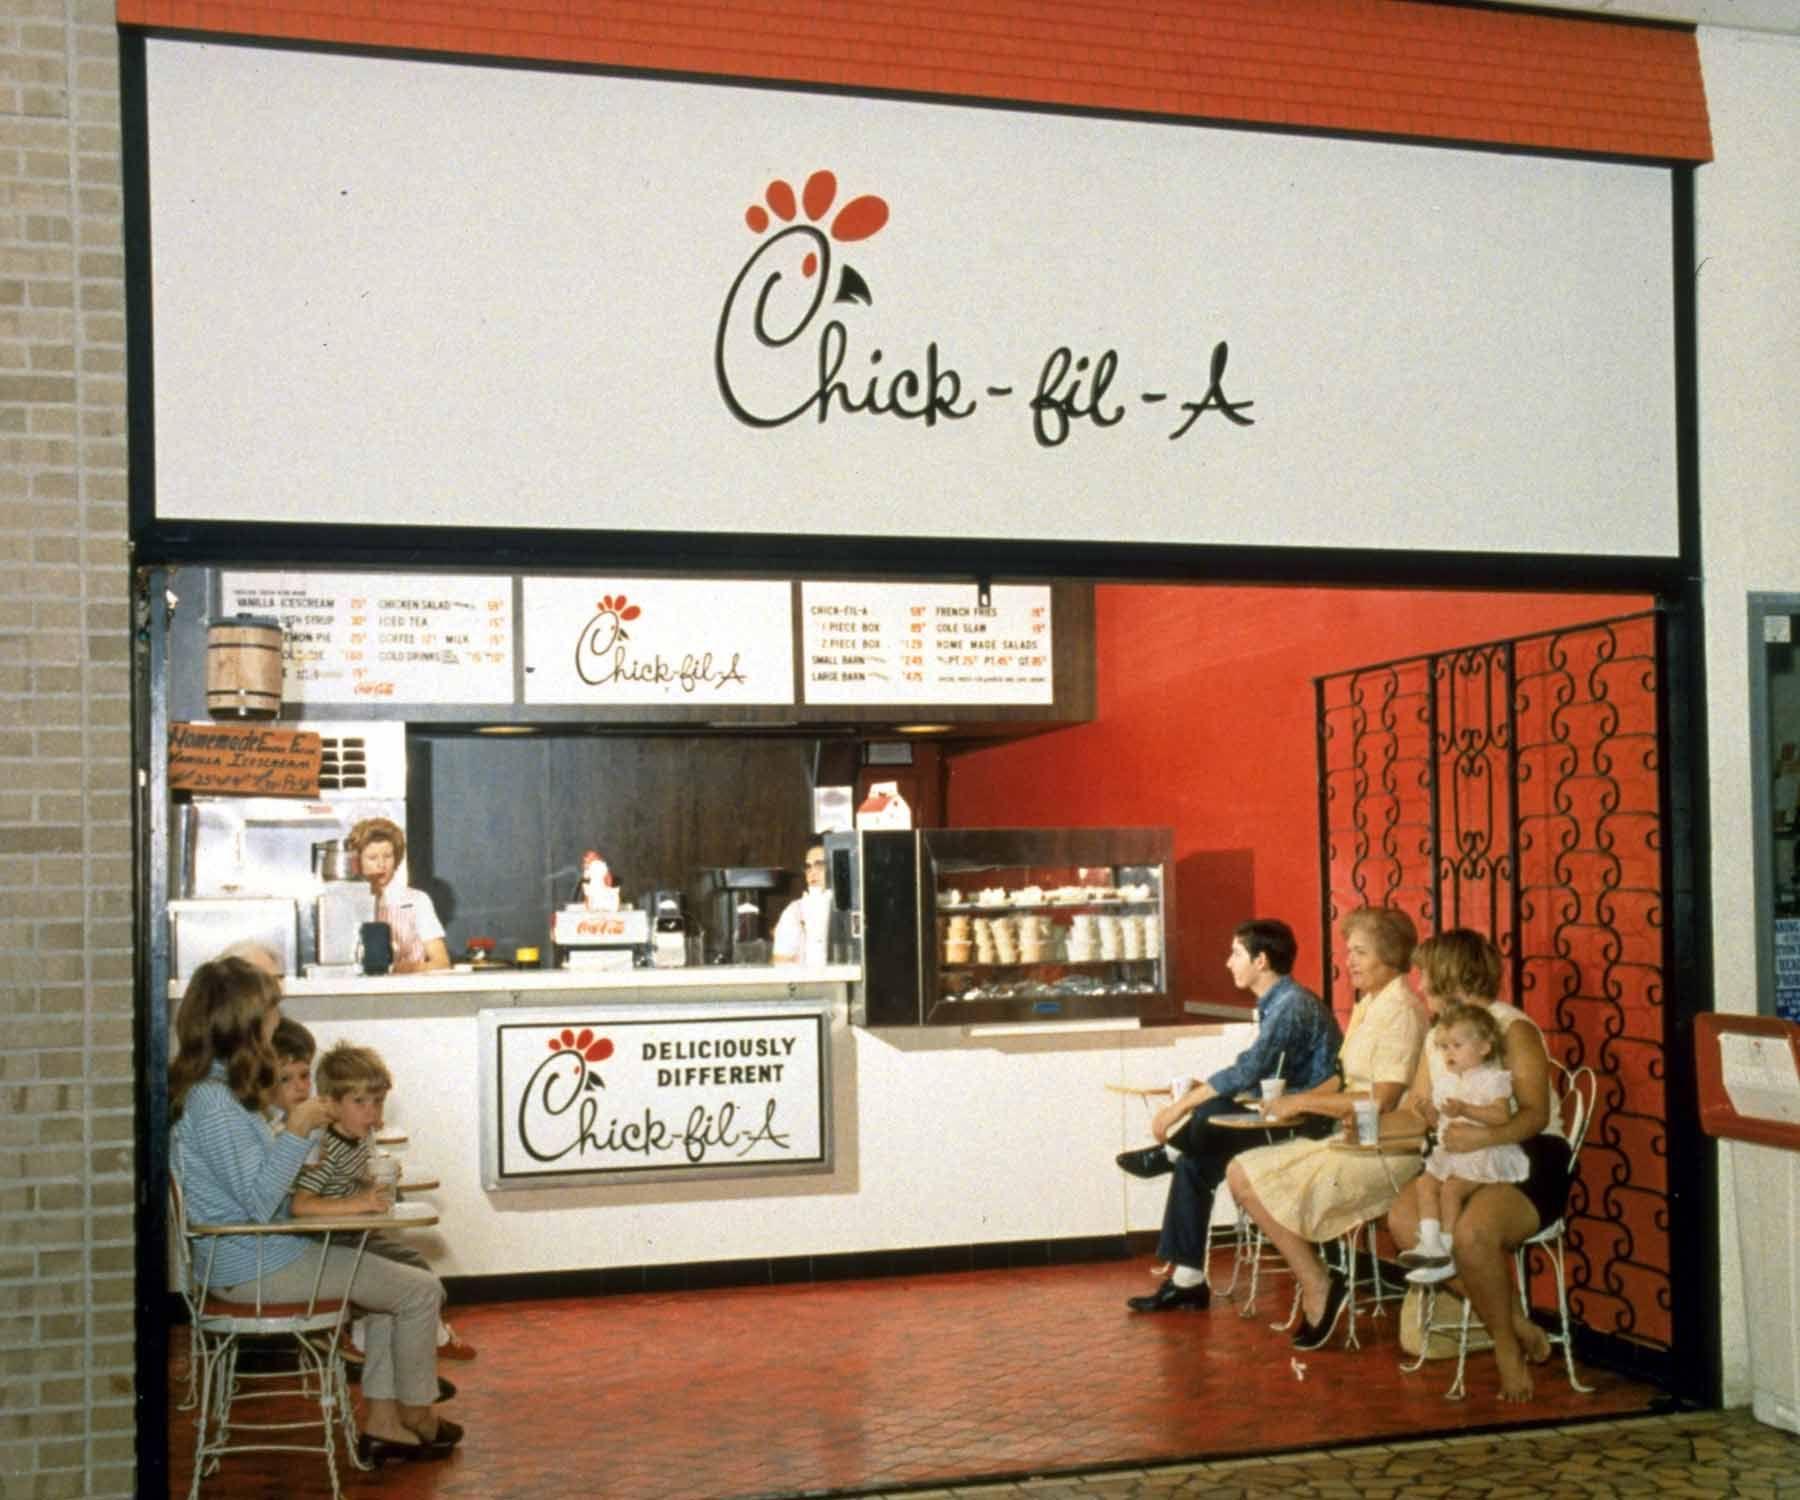 First Chick-fil a Restaurant